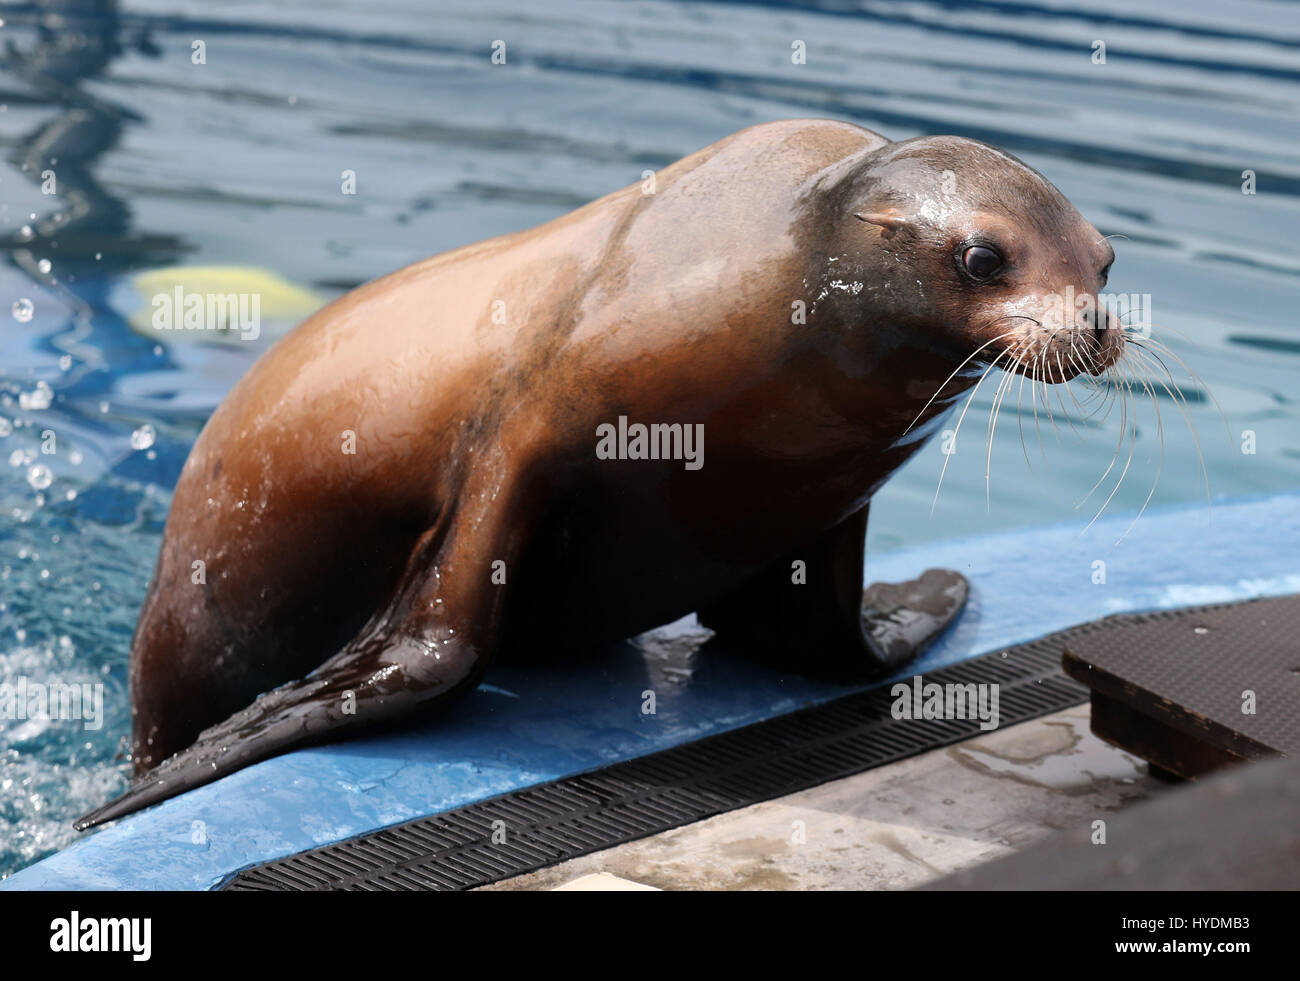 Excepcional Anatomía Del León De Mar Embellecimiento - Imágenes de ...